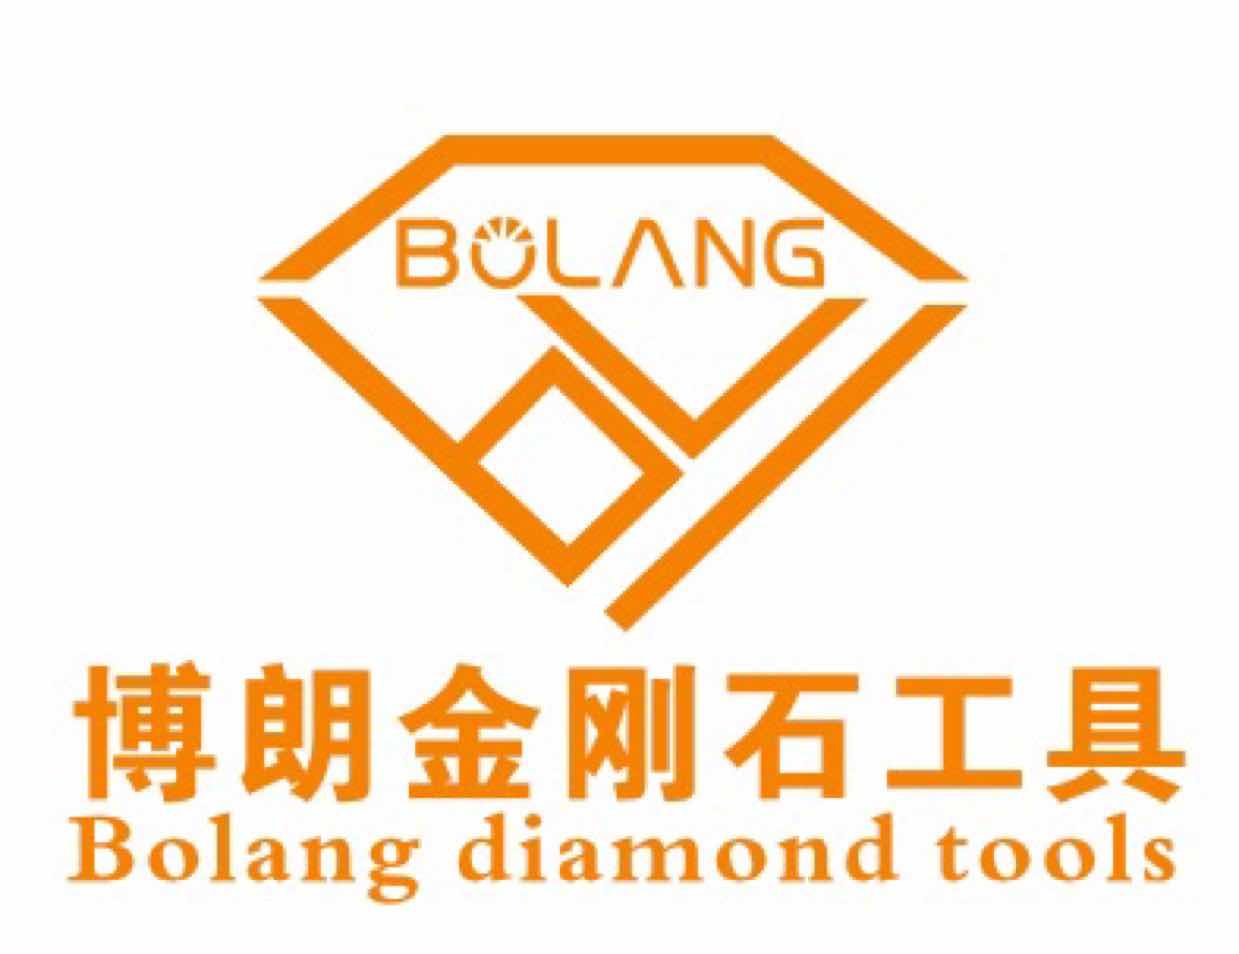 东莞市博朗金刚石工具有限公司